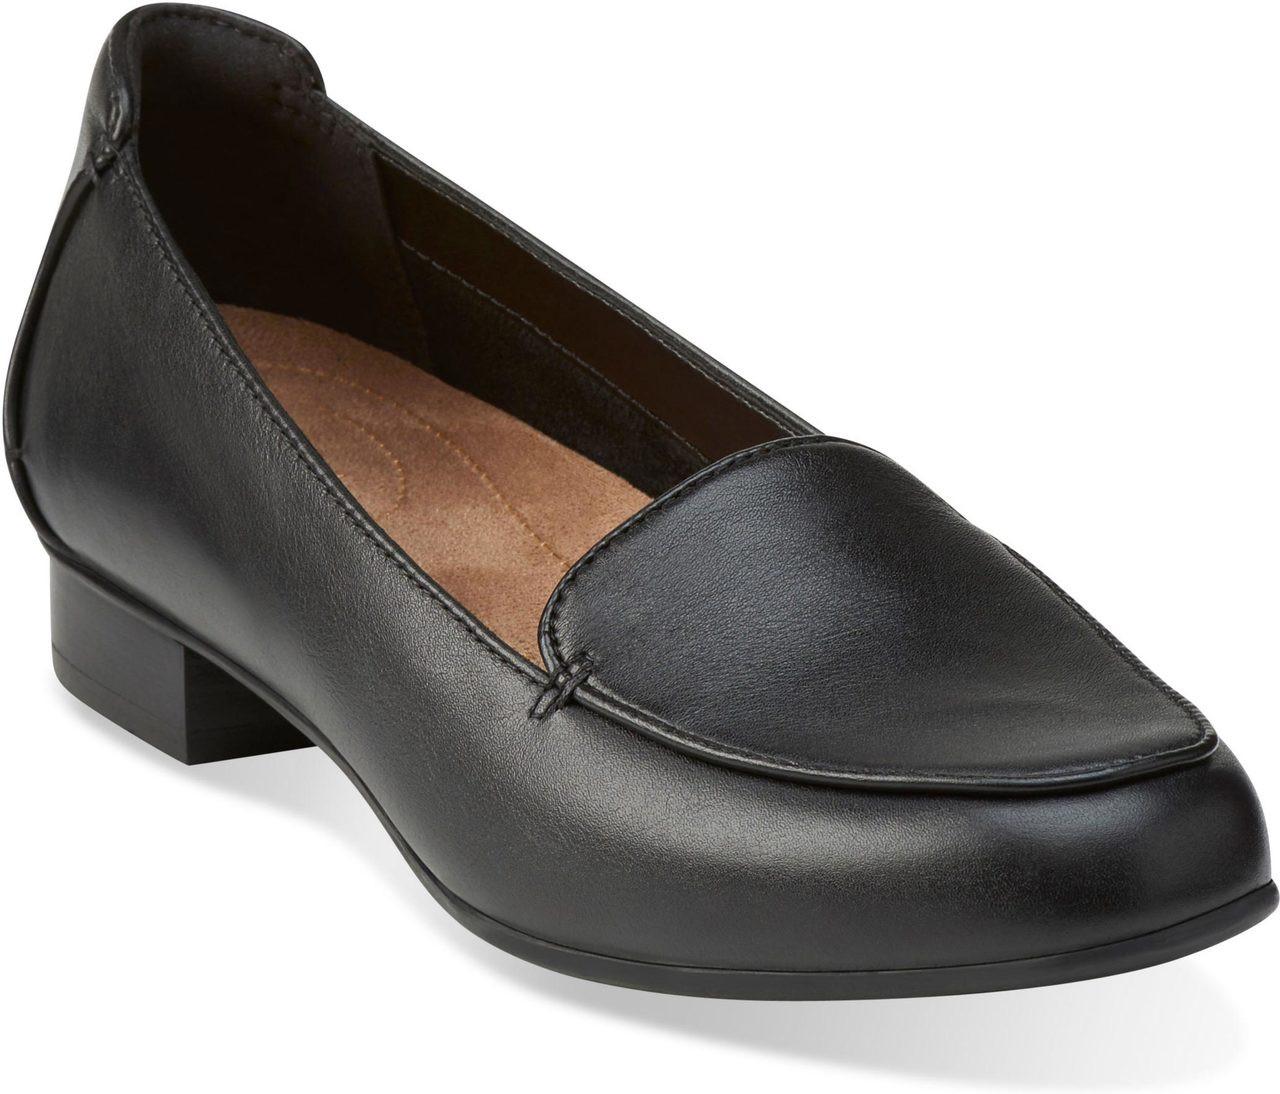 Clarks Womens Keesha Luca Slip-On Loafer